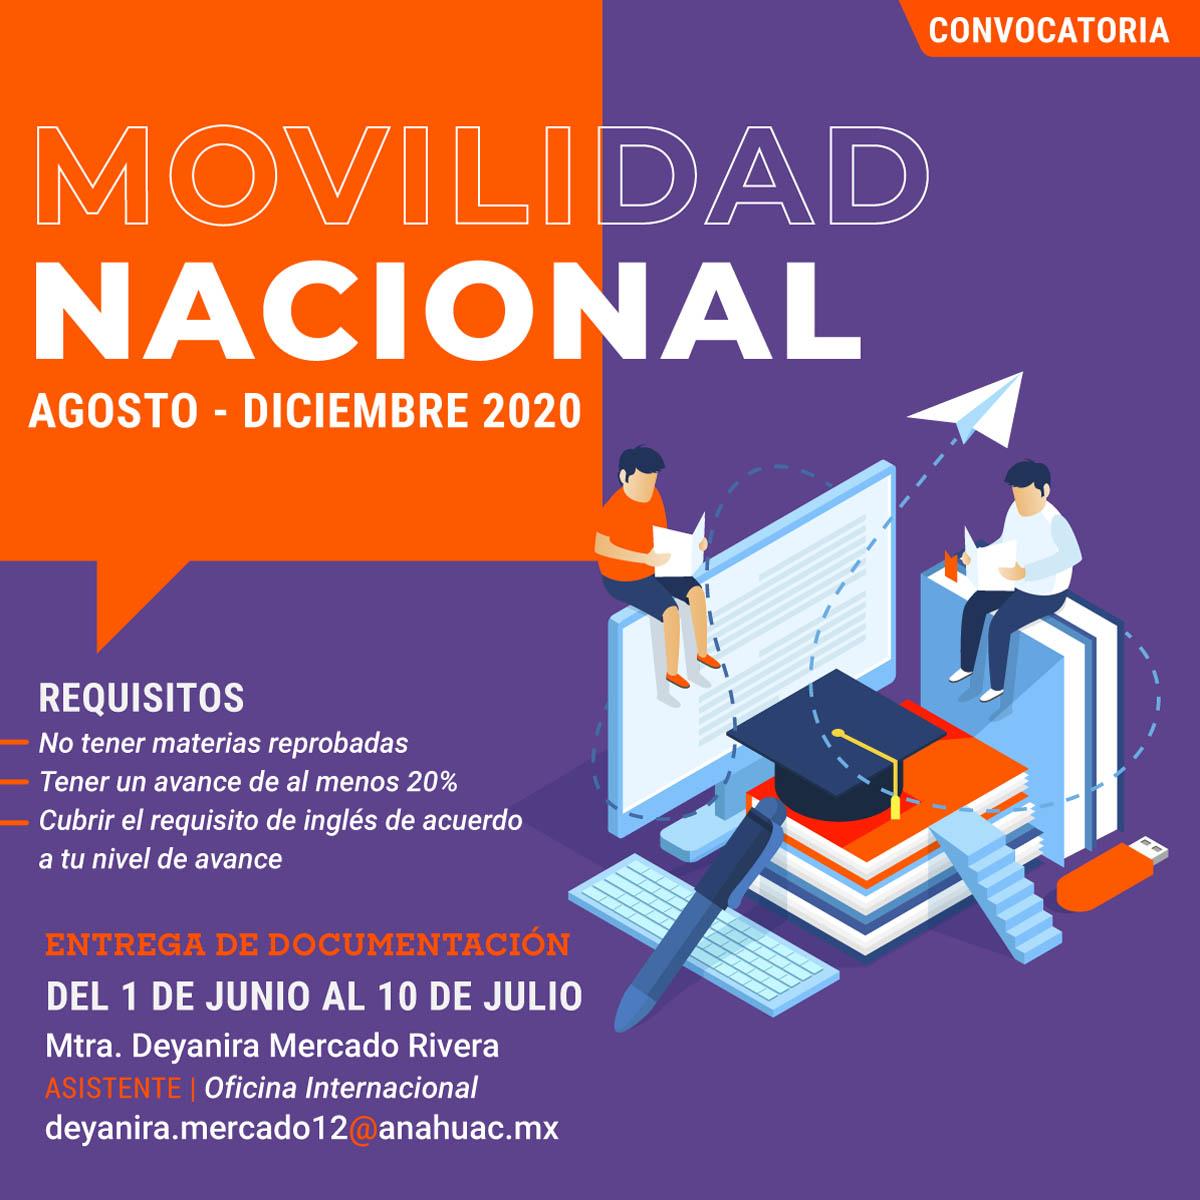 Movilidad Nacional Agosto-Diciembre 2020